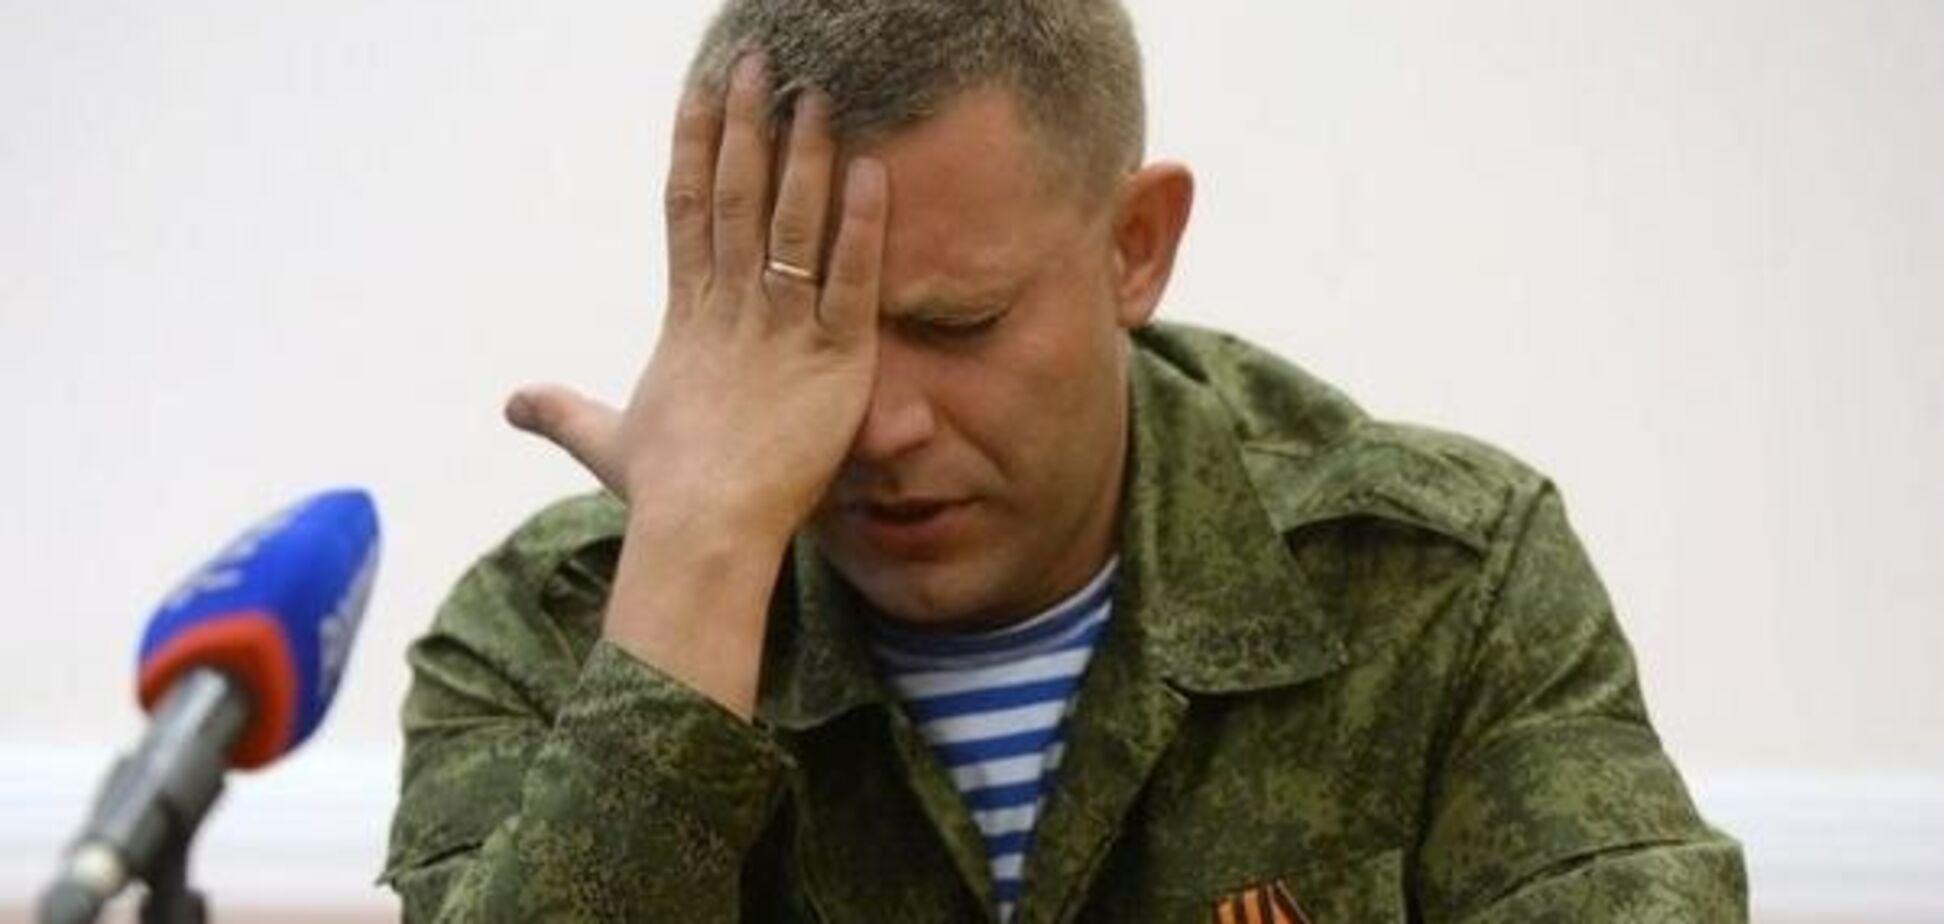 Хотели 'русский мир', а получили африканскую деспотию